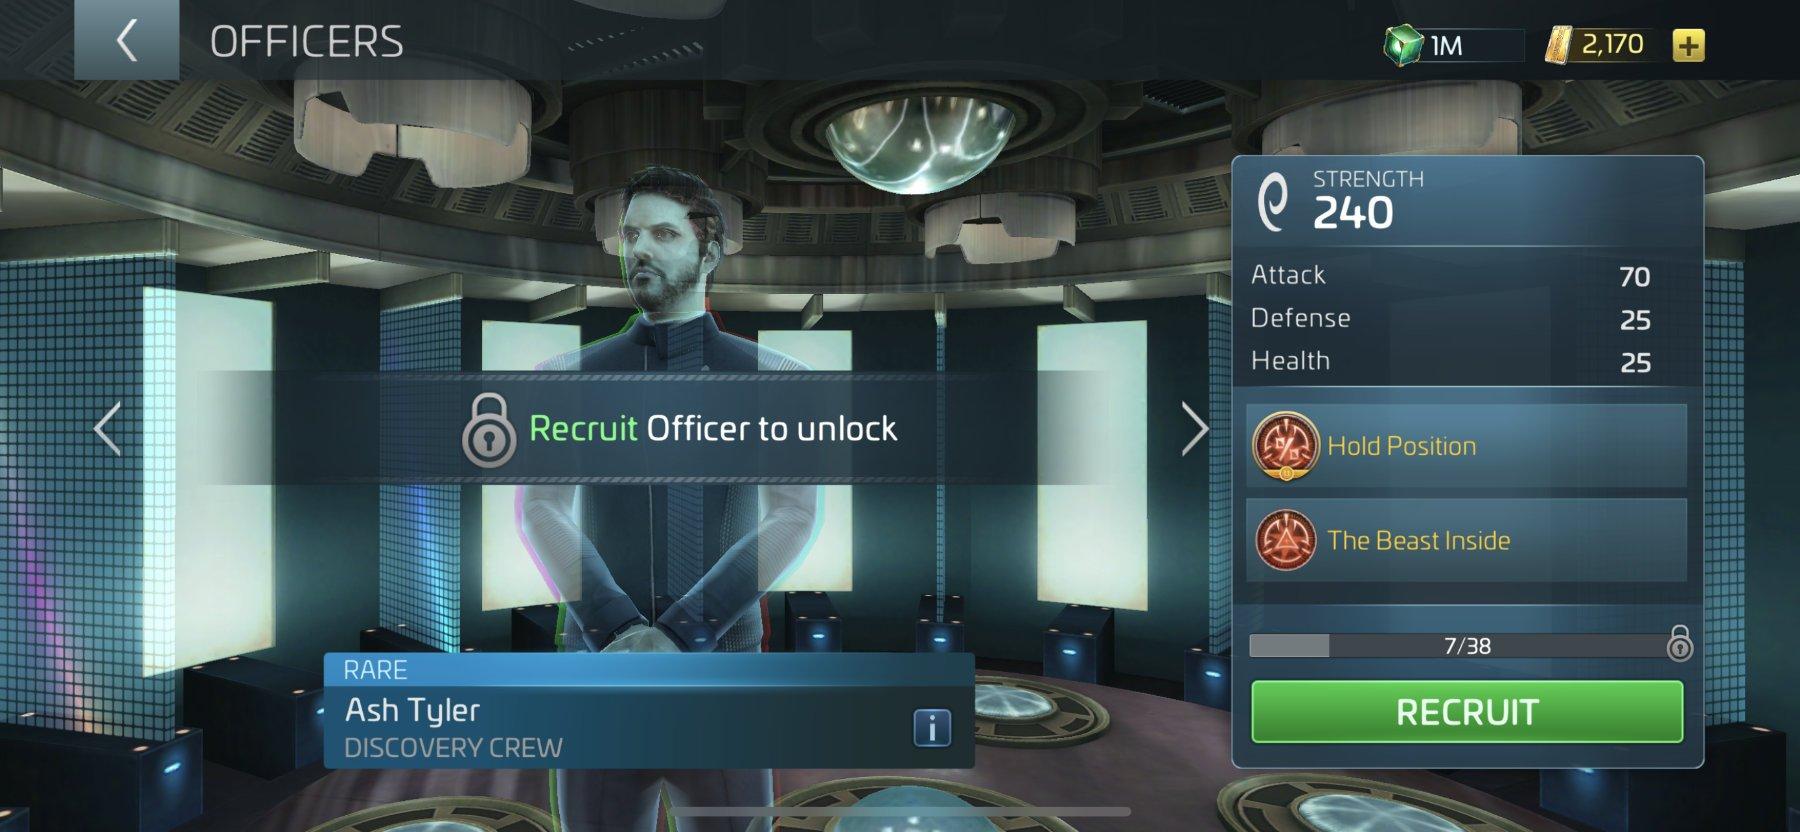 Star Trek Fleet Command Officer Ash Tyler